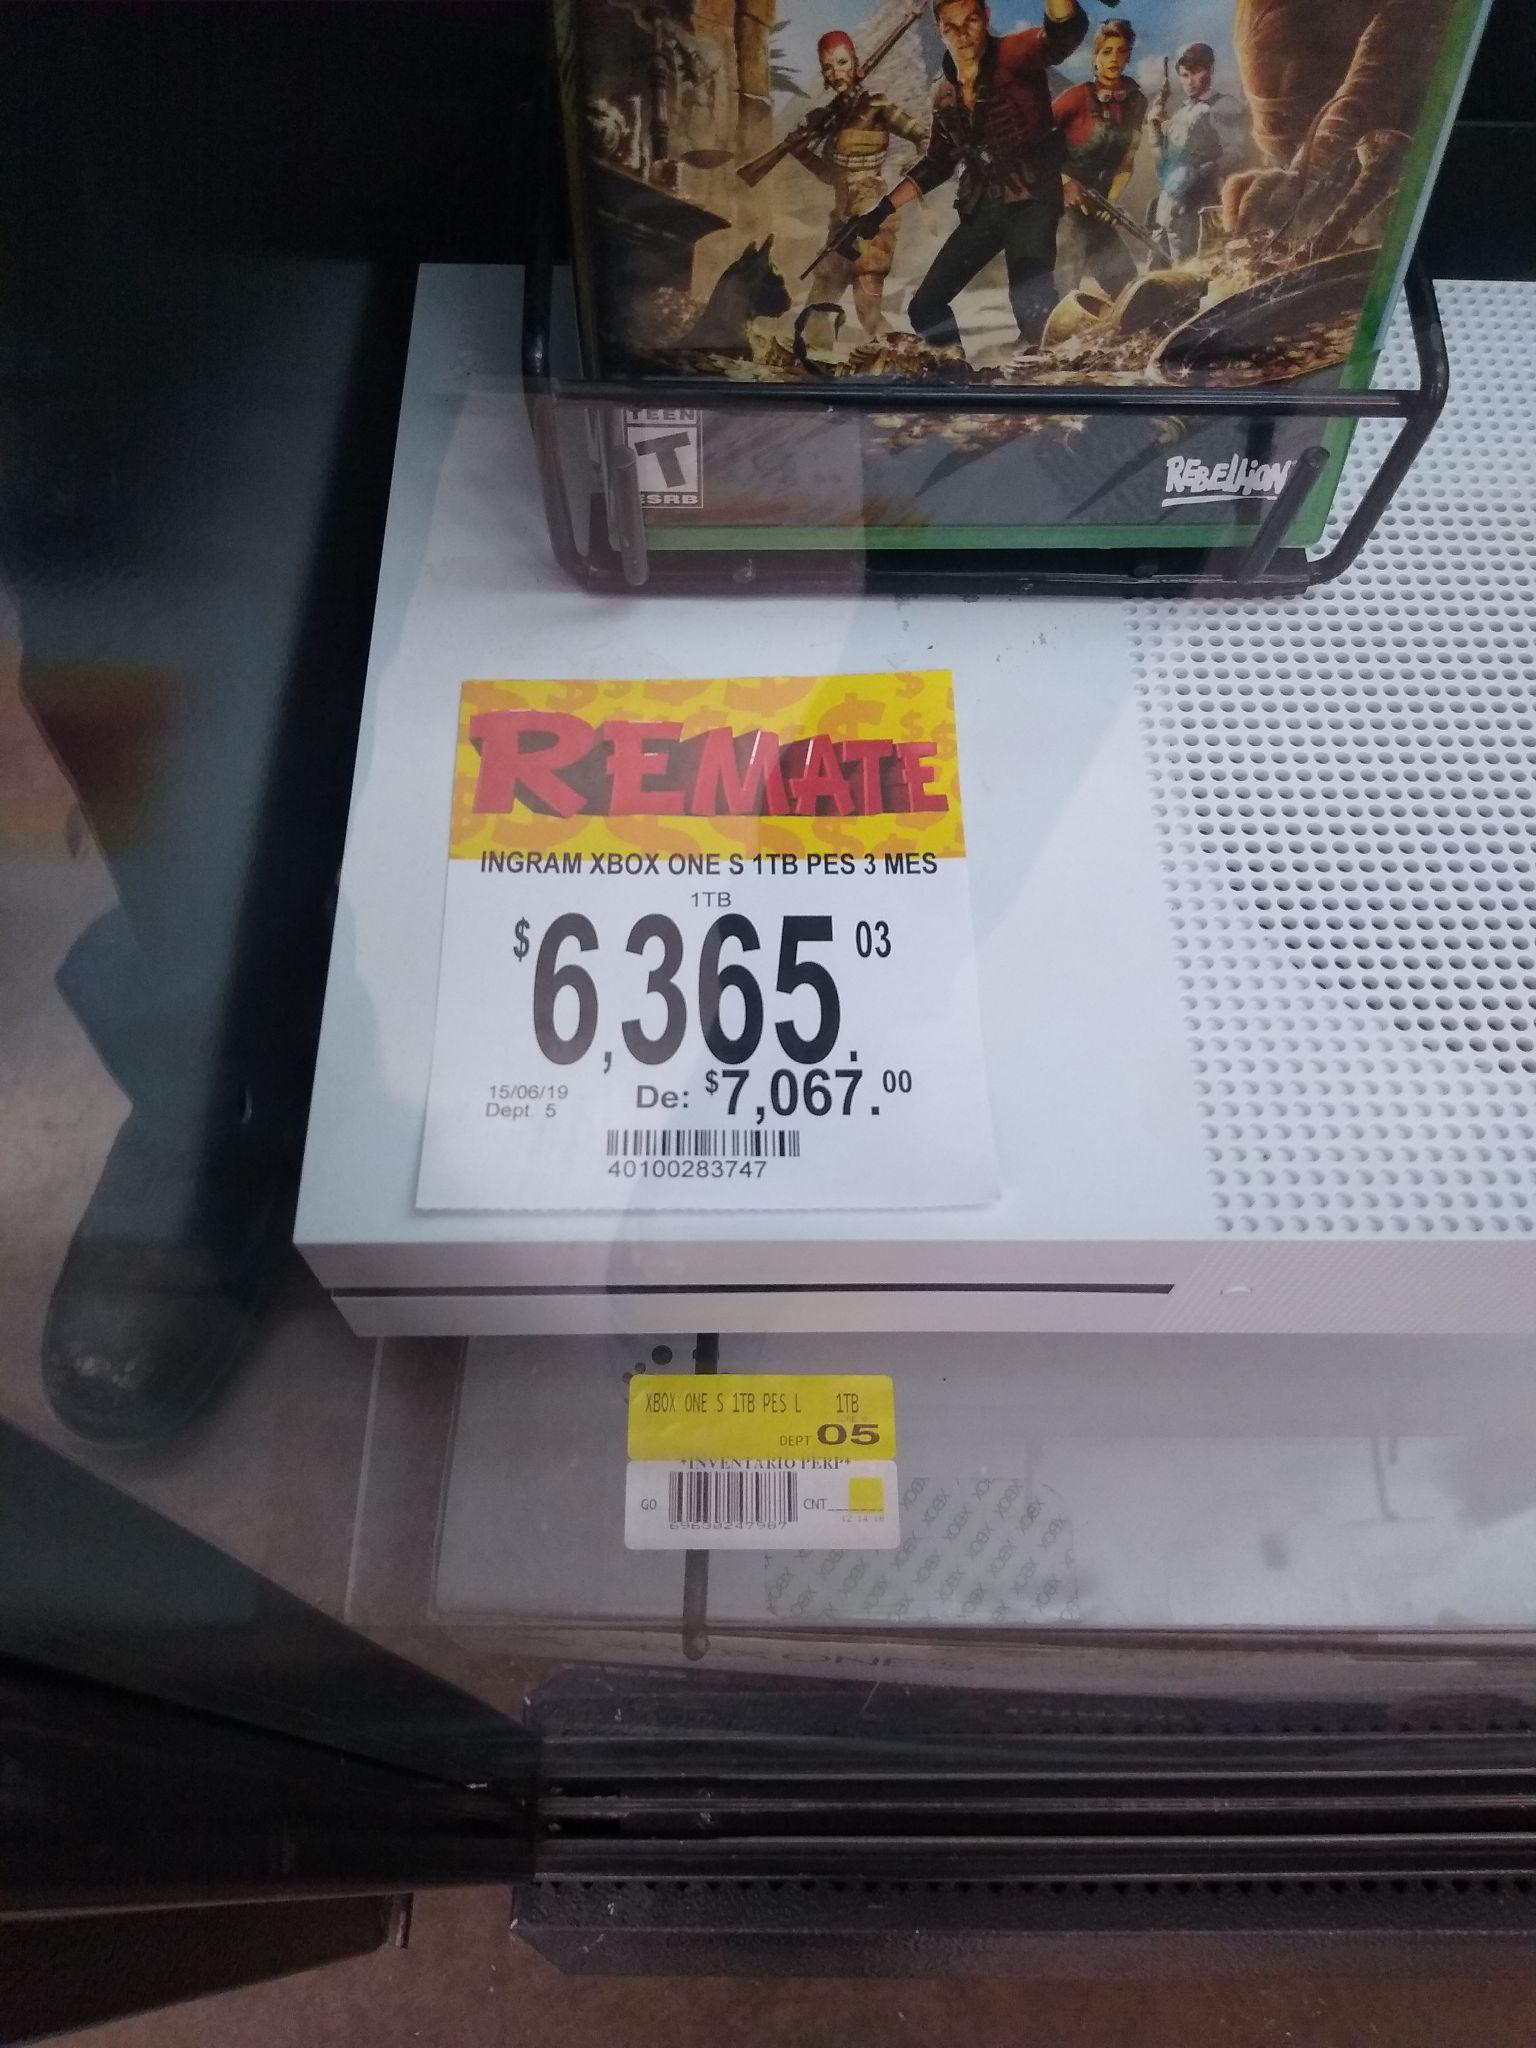 Bodega Aurrera: Xbox One s 1Tb PES, Bluray en $643 y más